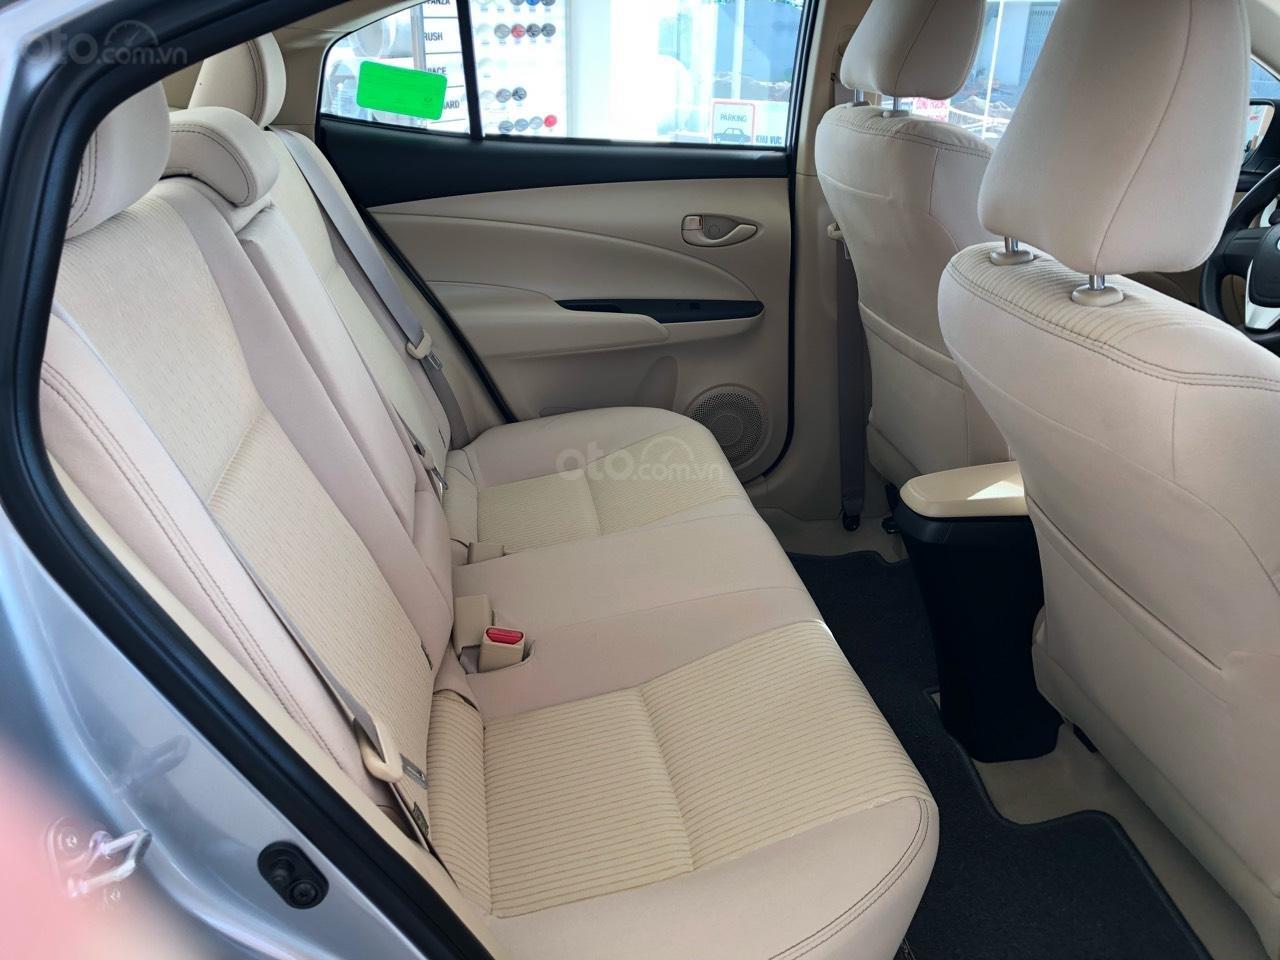 Toyota Vios 1.5E CVT đời 2019, màu bạc, hỗ trợ vay 85%, thanh toán 130tr nhận xe, lãi 0,6%/tháng-4